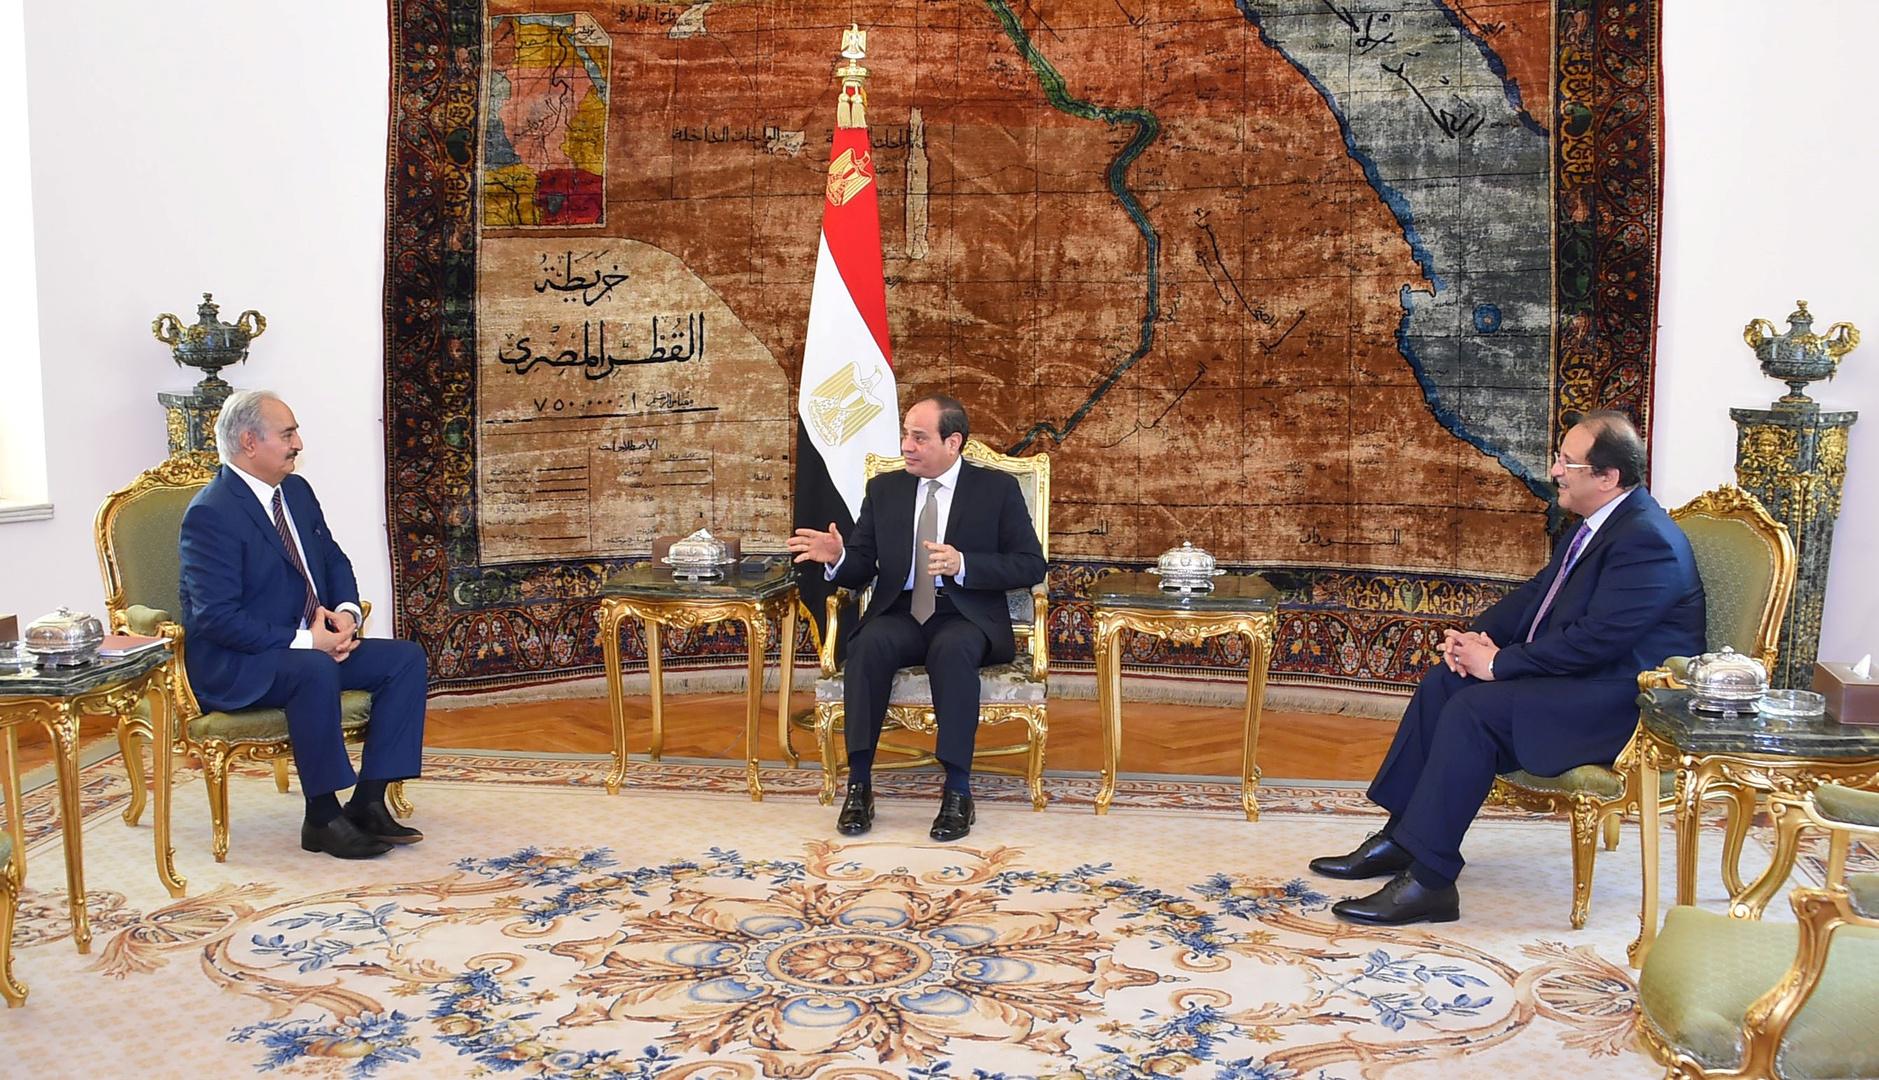 مصر مستعدة لشن حرب من أجل السلام